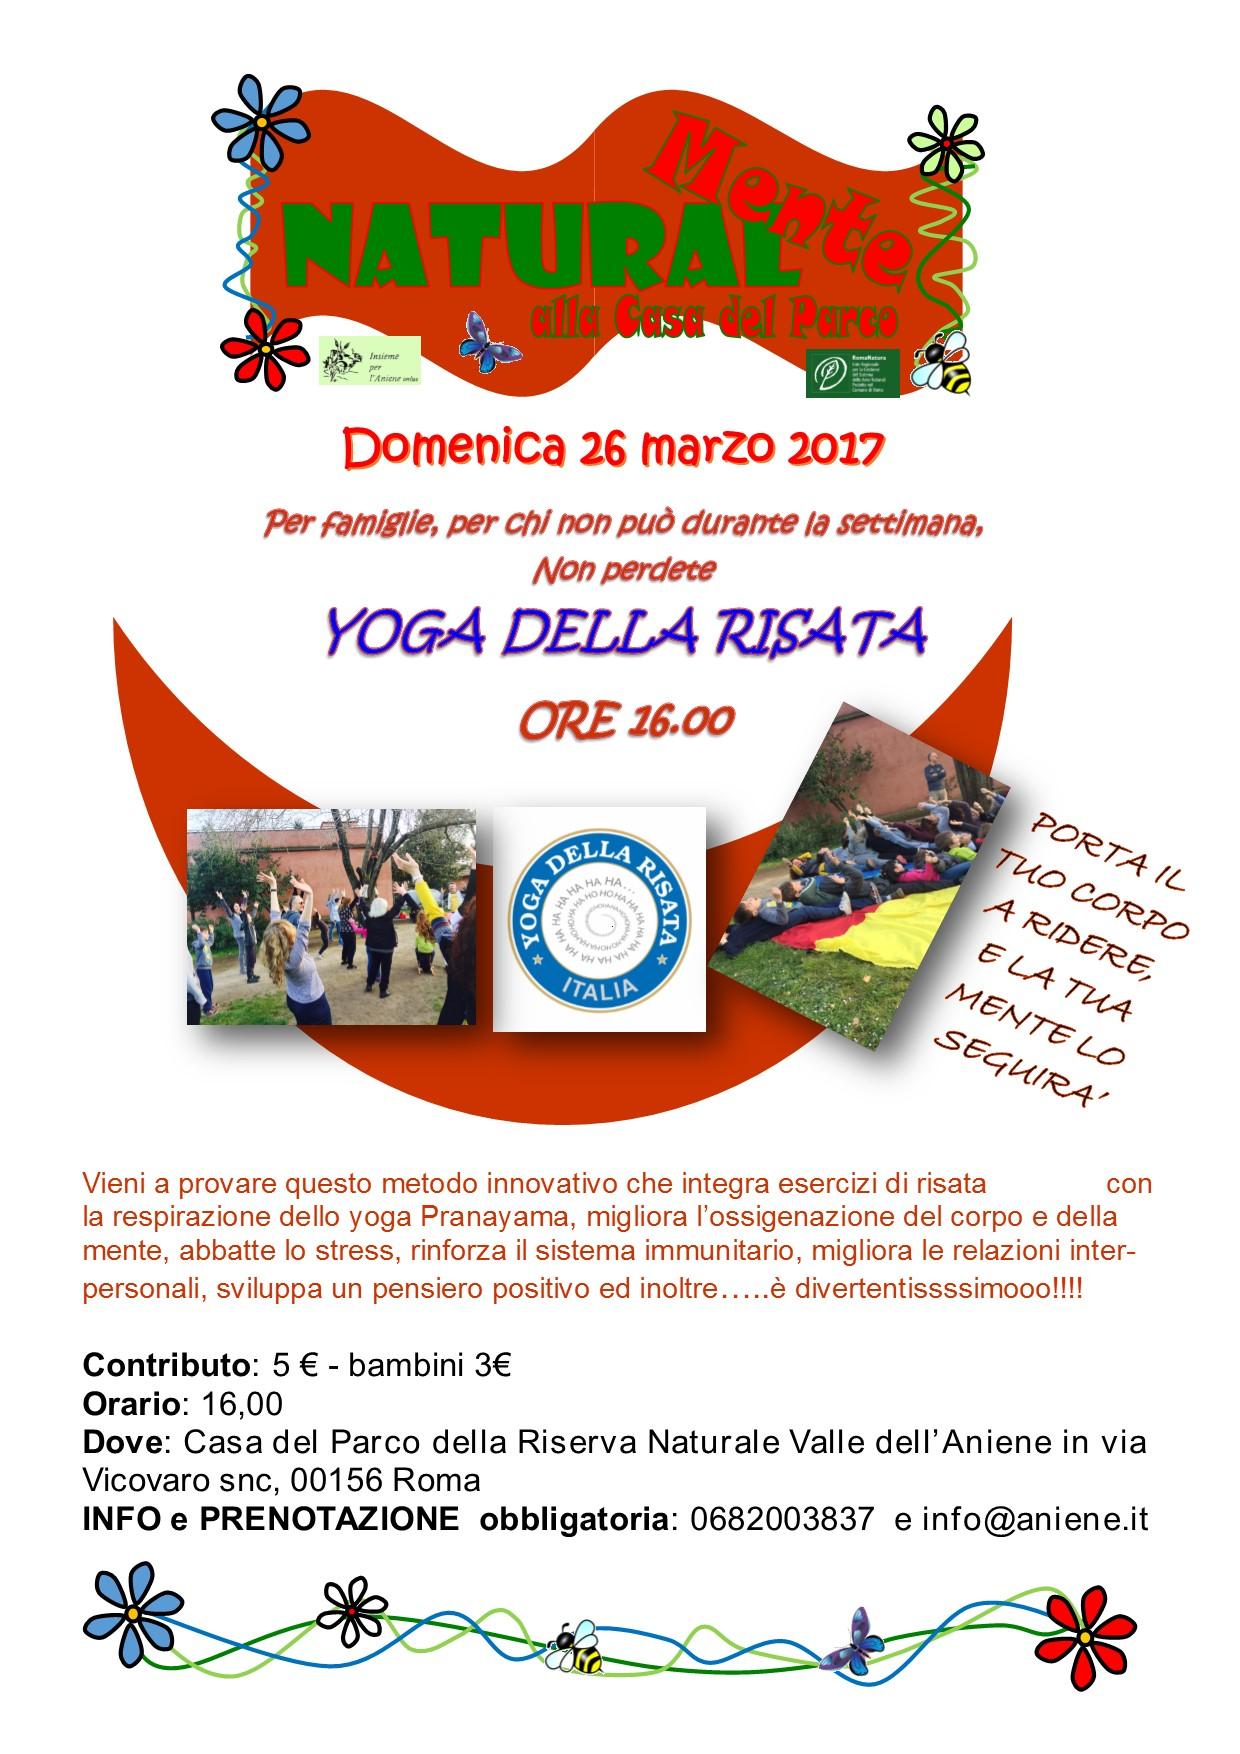 Yoga della Risata - domenica 26 marzo